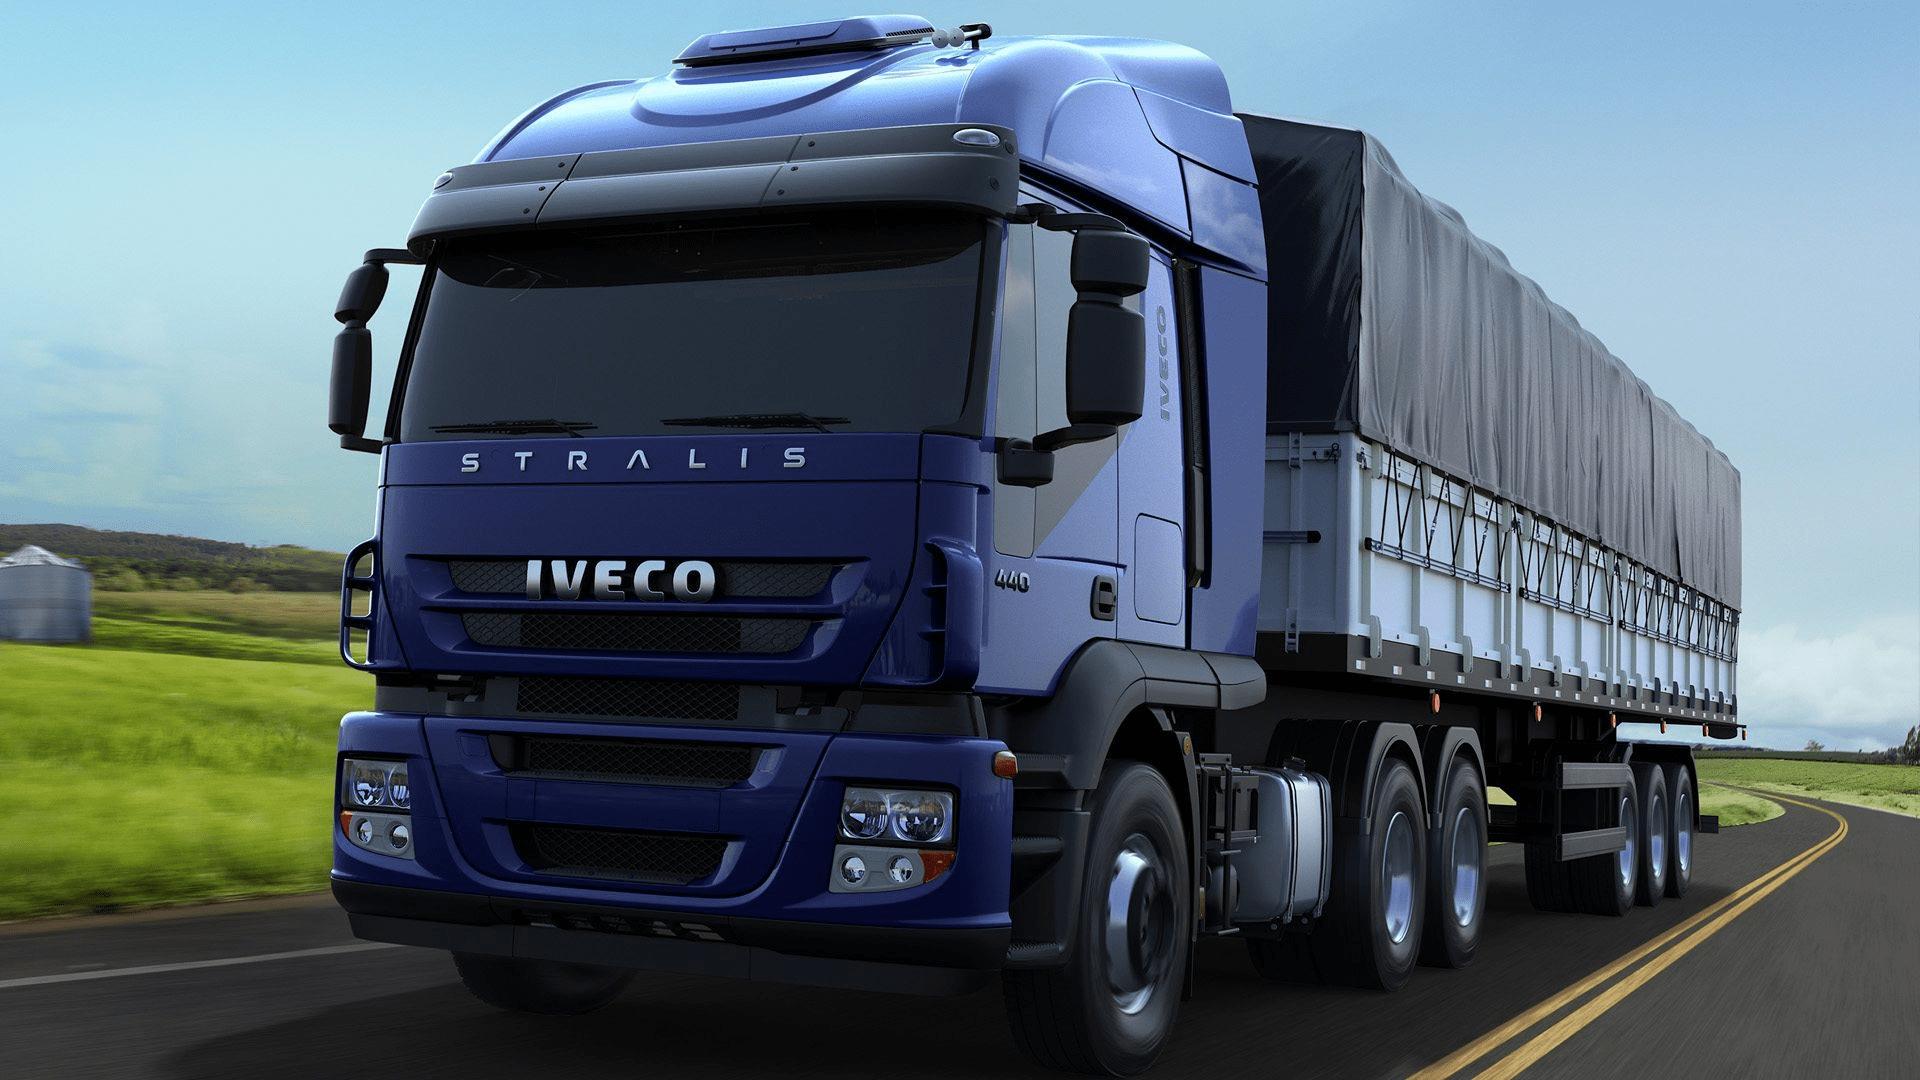 Seguros para caminhões Iveco